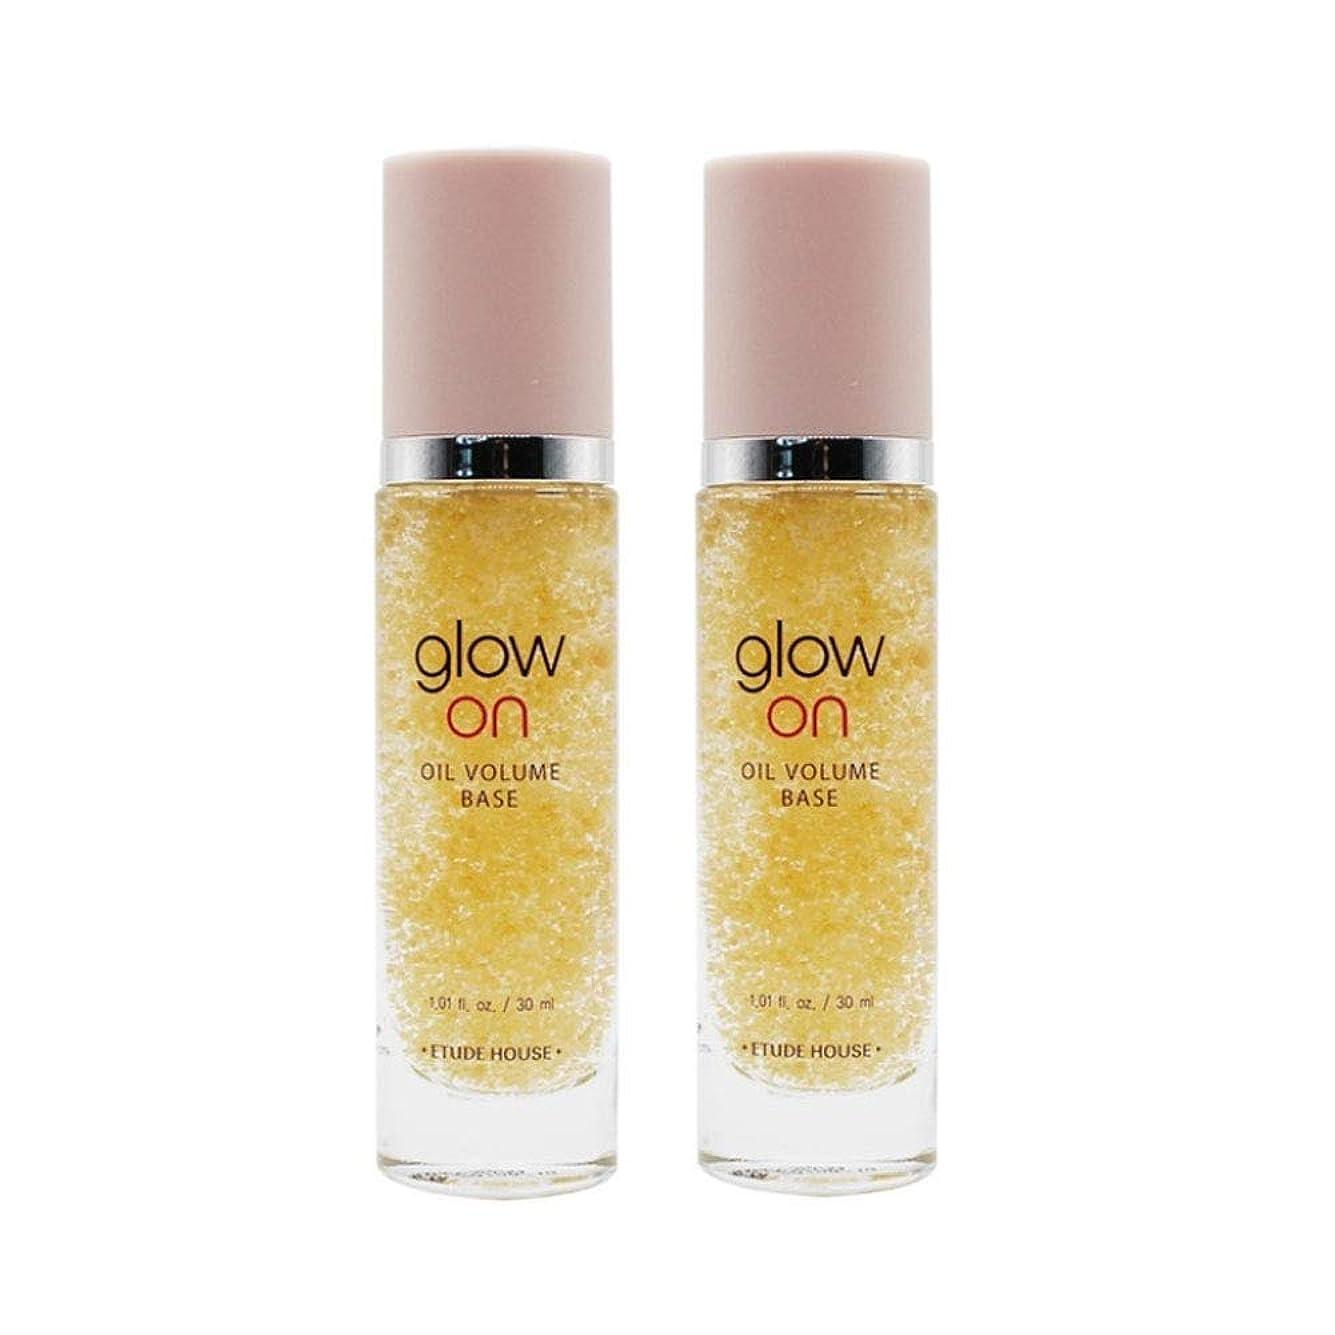 自動化フリンジに沿ってエチュードハウスグローオンベース 30mlx2本セット3色韓国コスメ、Etude house Glow on Base 30ml x 2ea Set 3 Colors Korean Cosmetics [並行輸入品] (oil volume base)